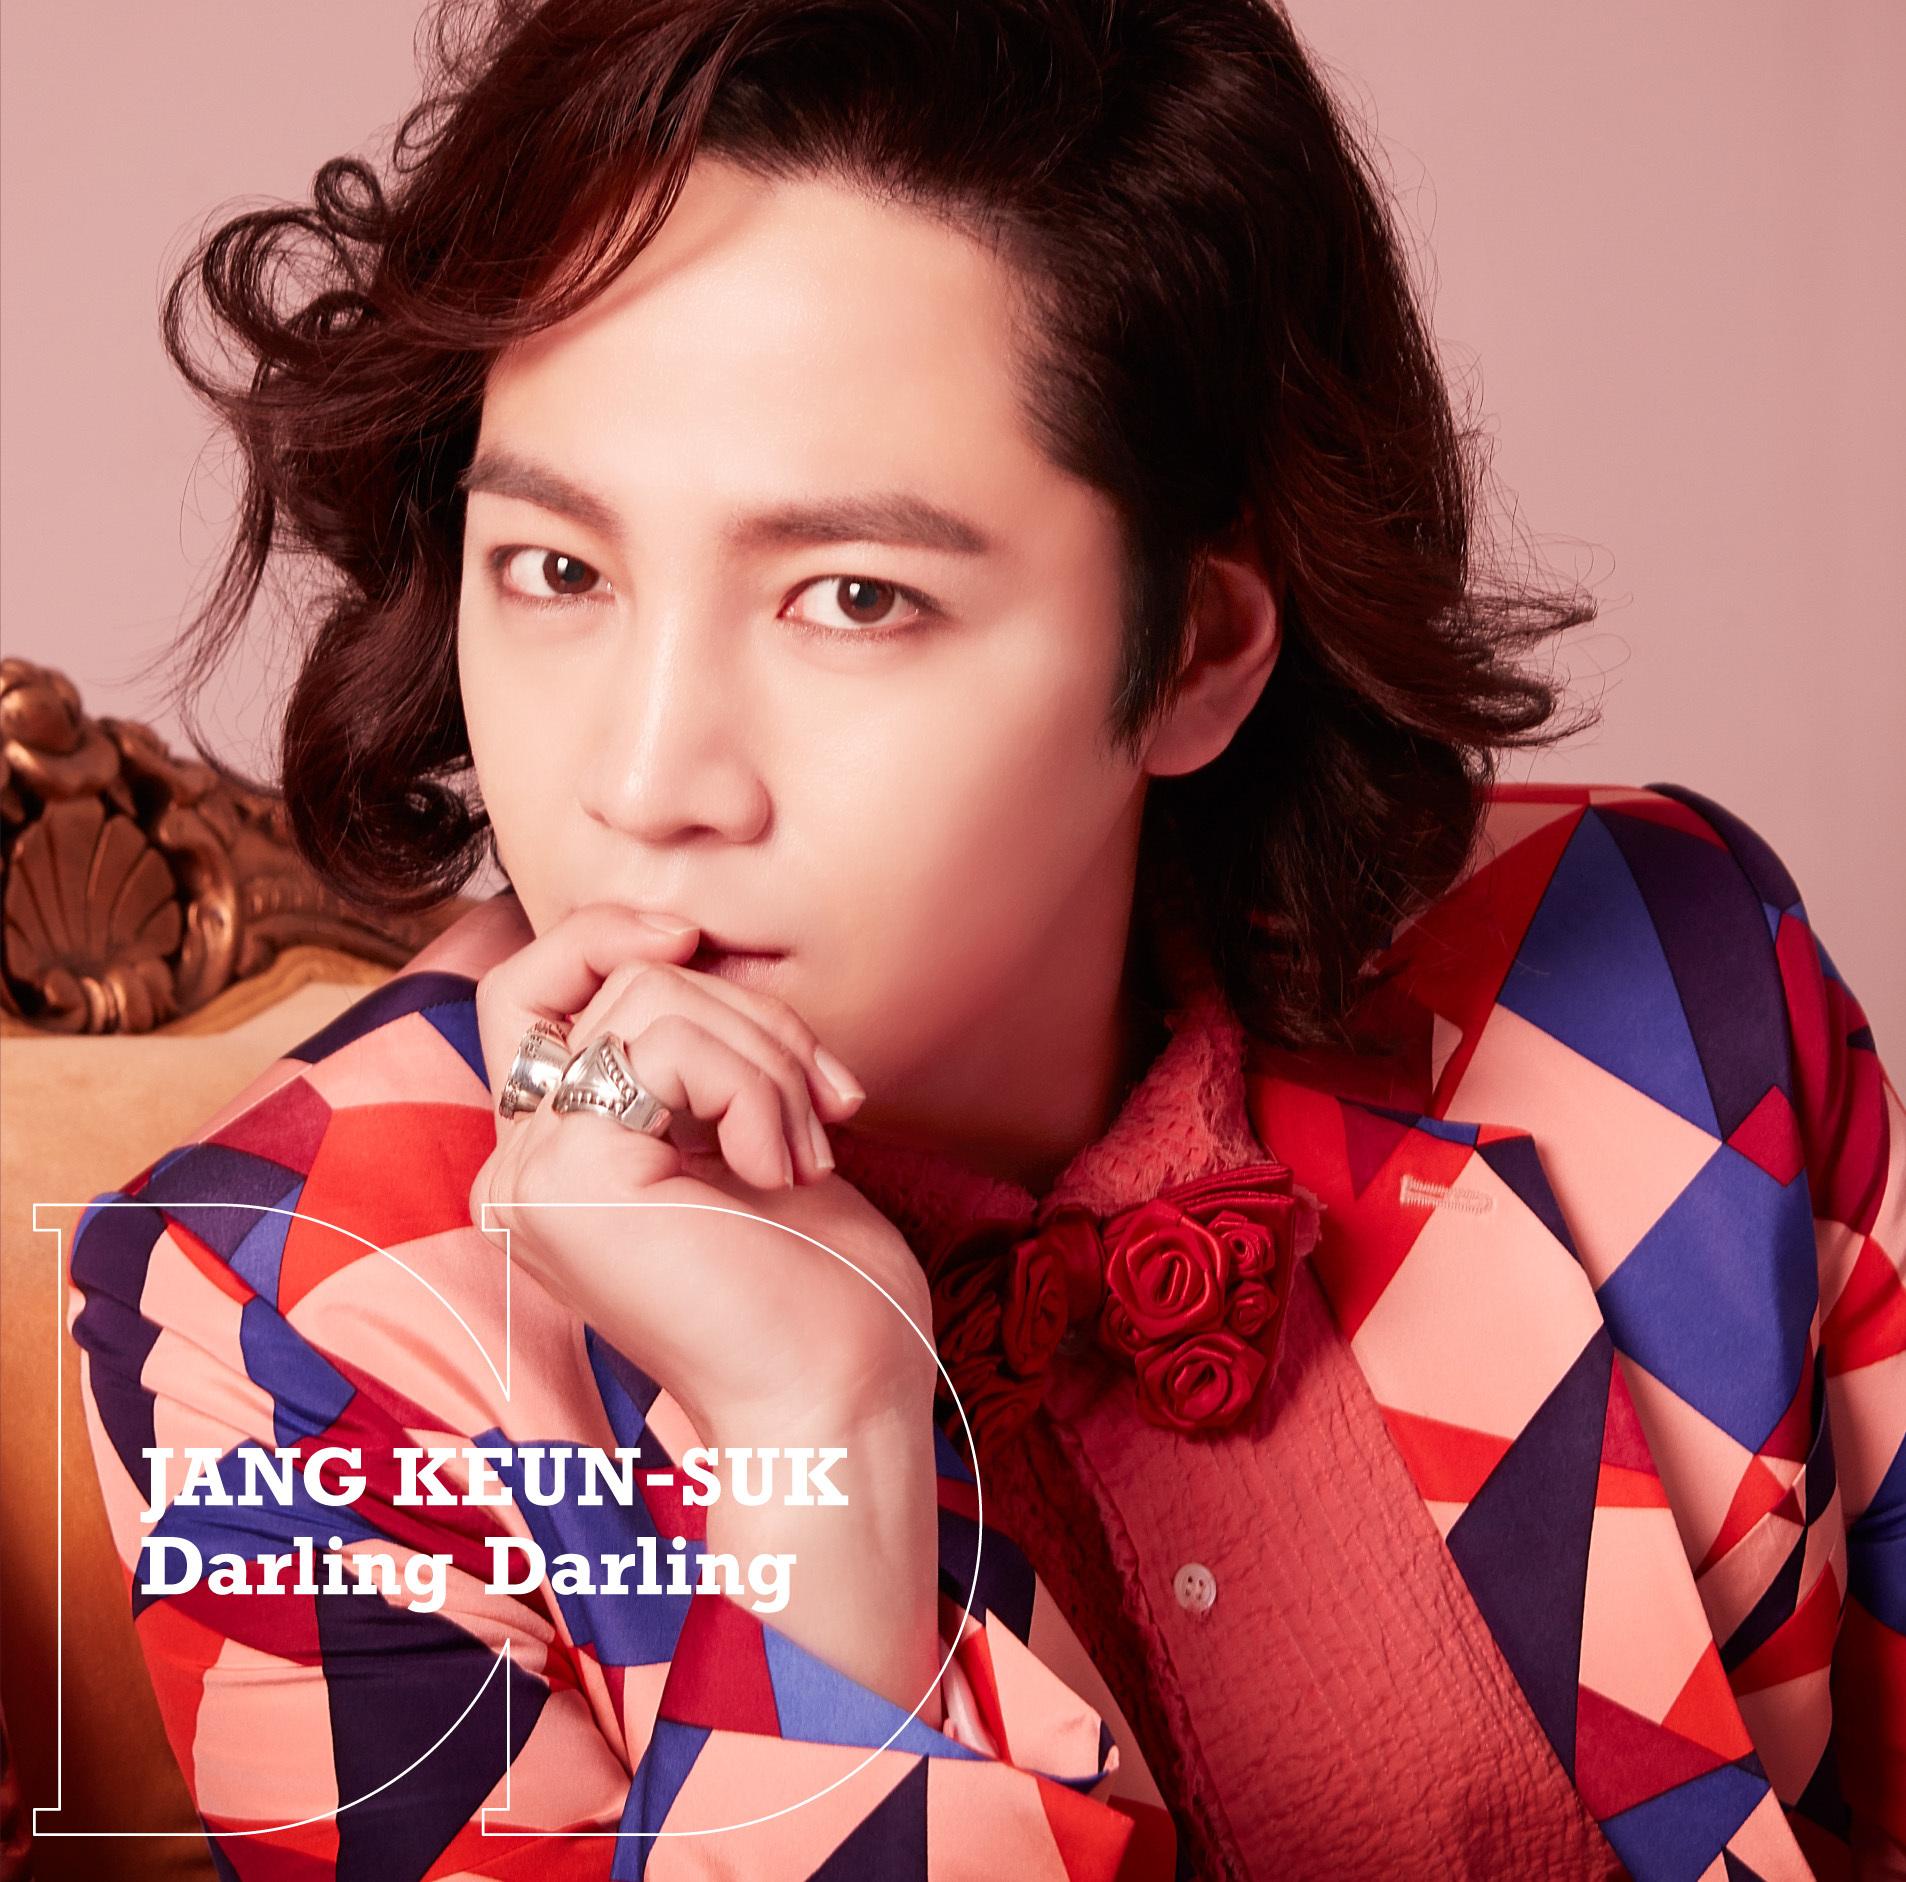 チャン・グンソク「Darling Darling/渇いたKiss」初回限定盤C